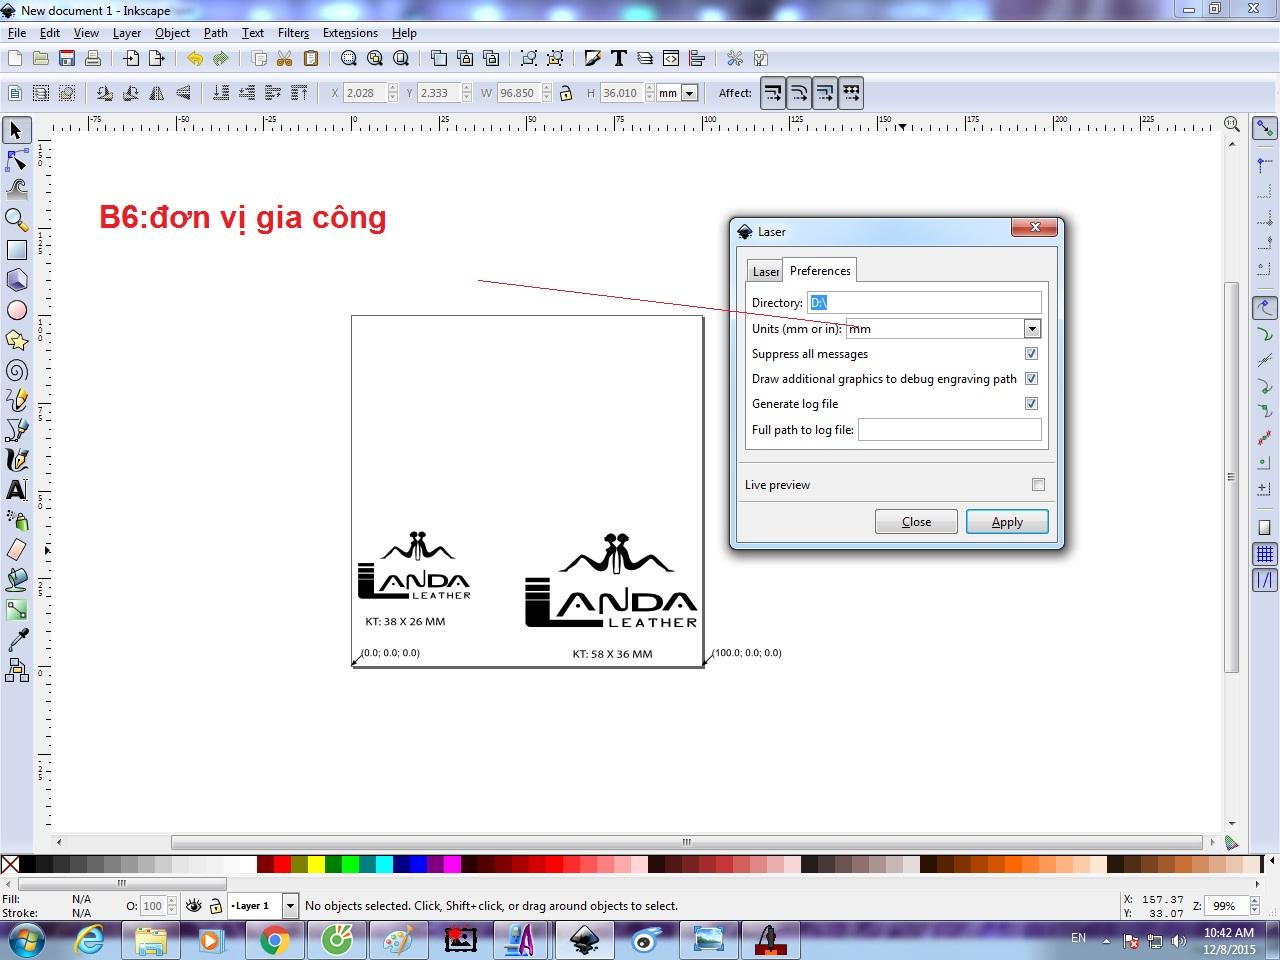 Hướng dẫn sử dụng phần mềm Inkscape để tạo gcode khi khắc laser